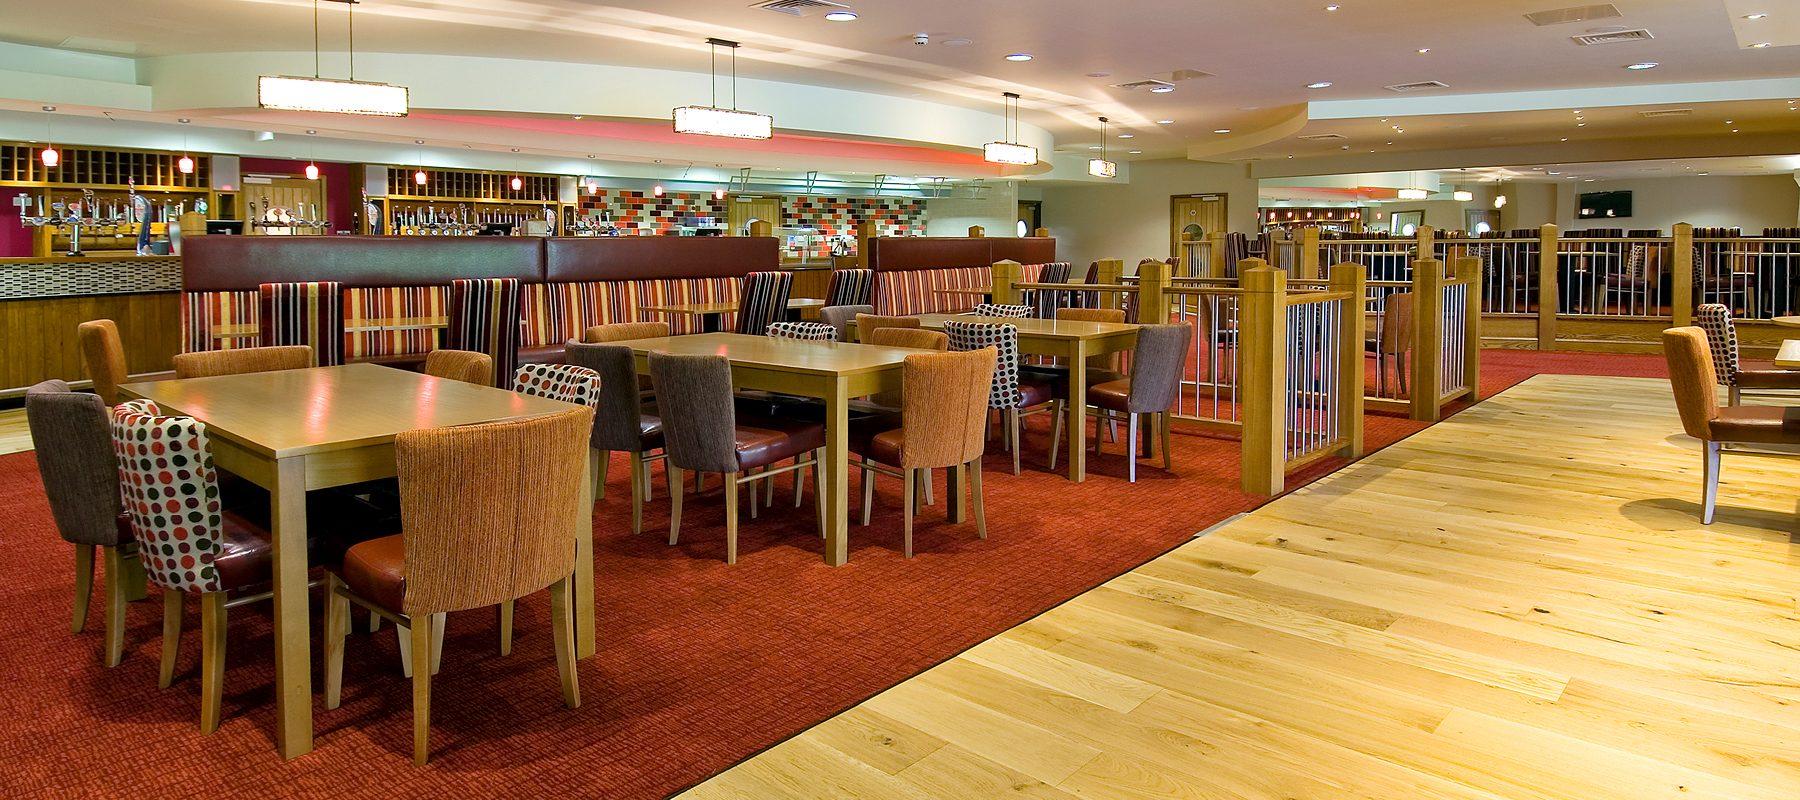 wooden floor finish restaurant interior scheme design pattern